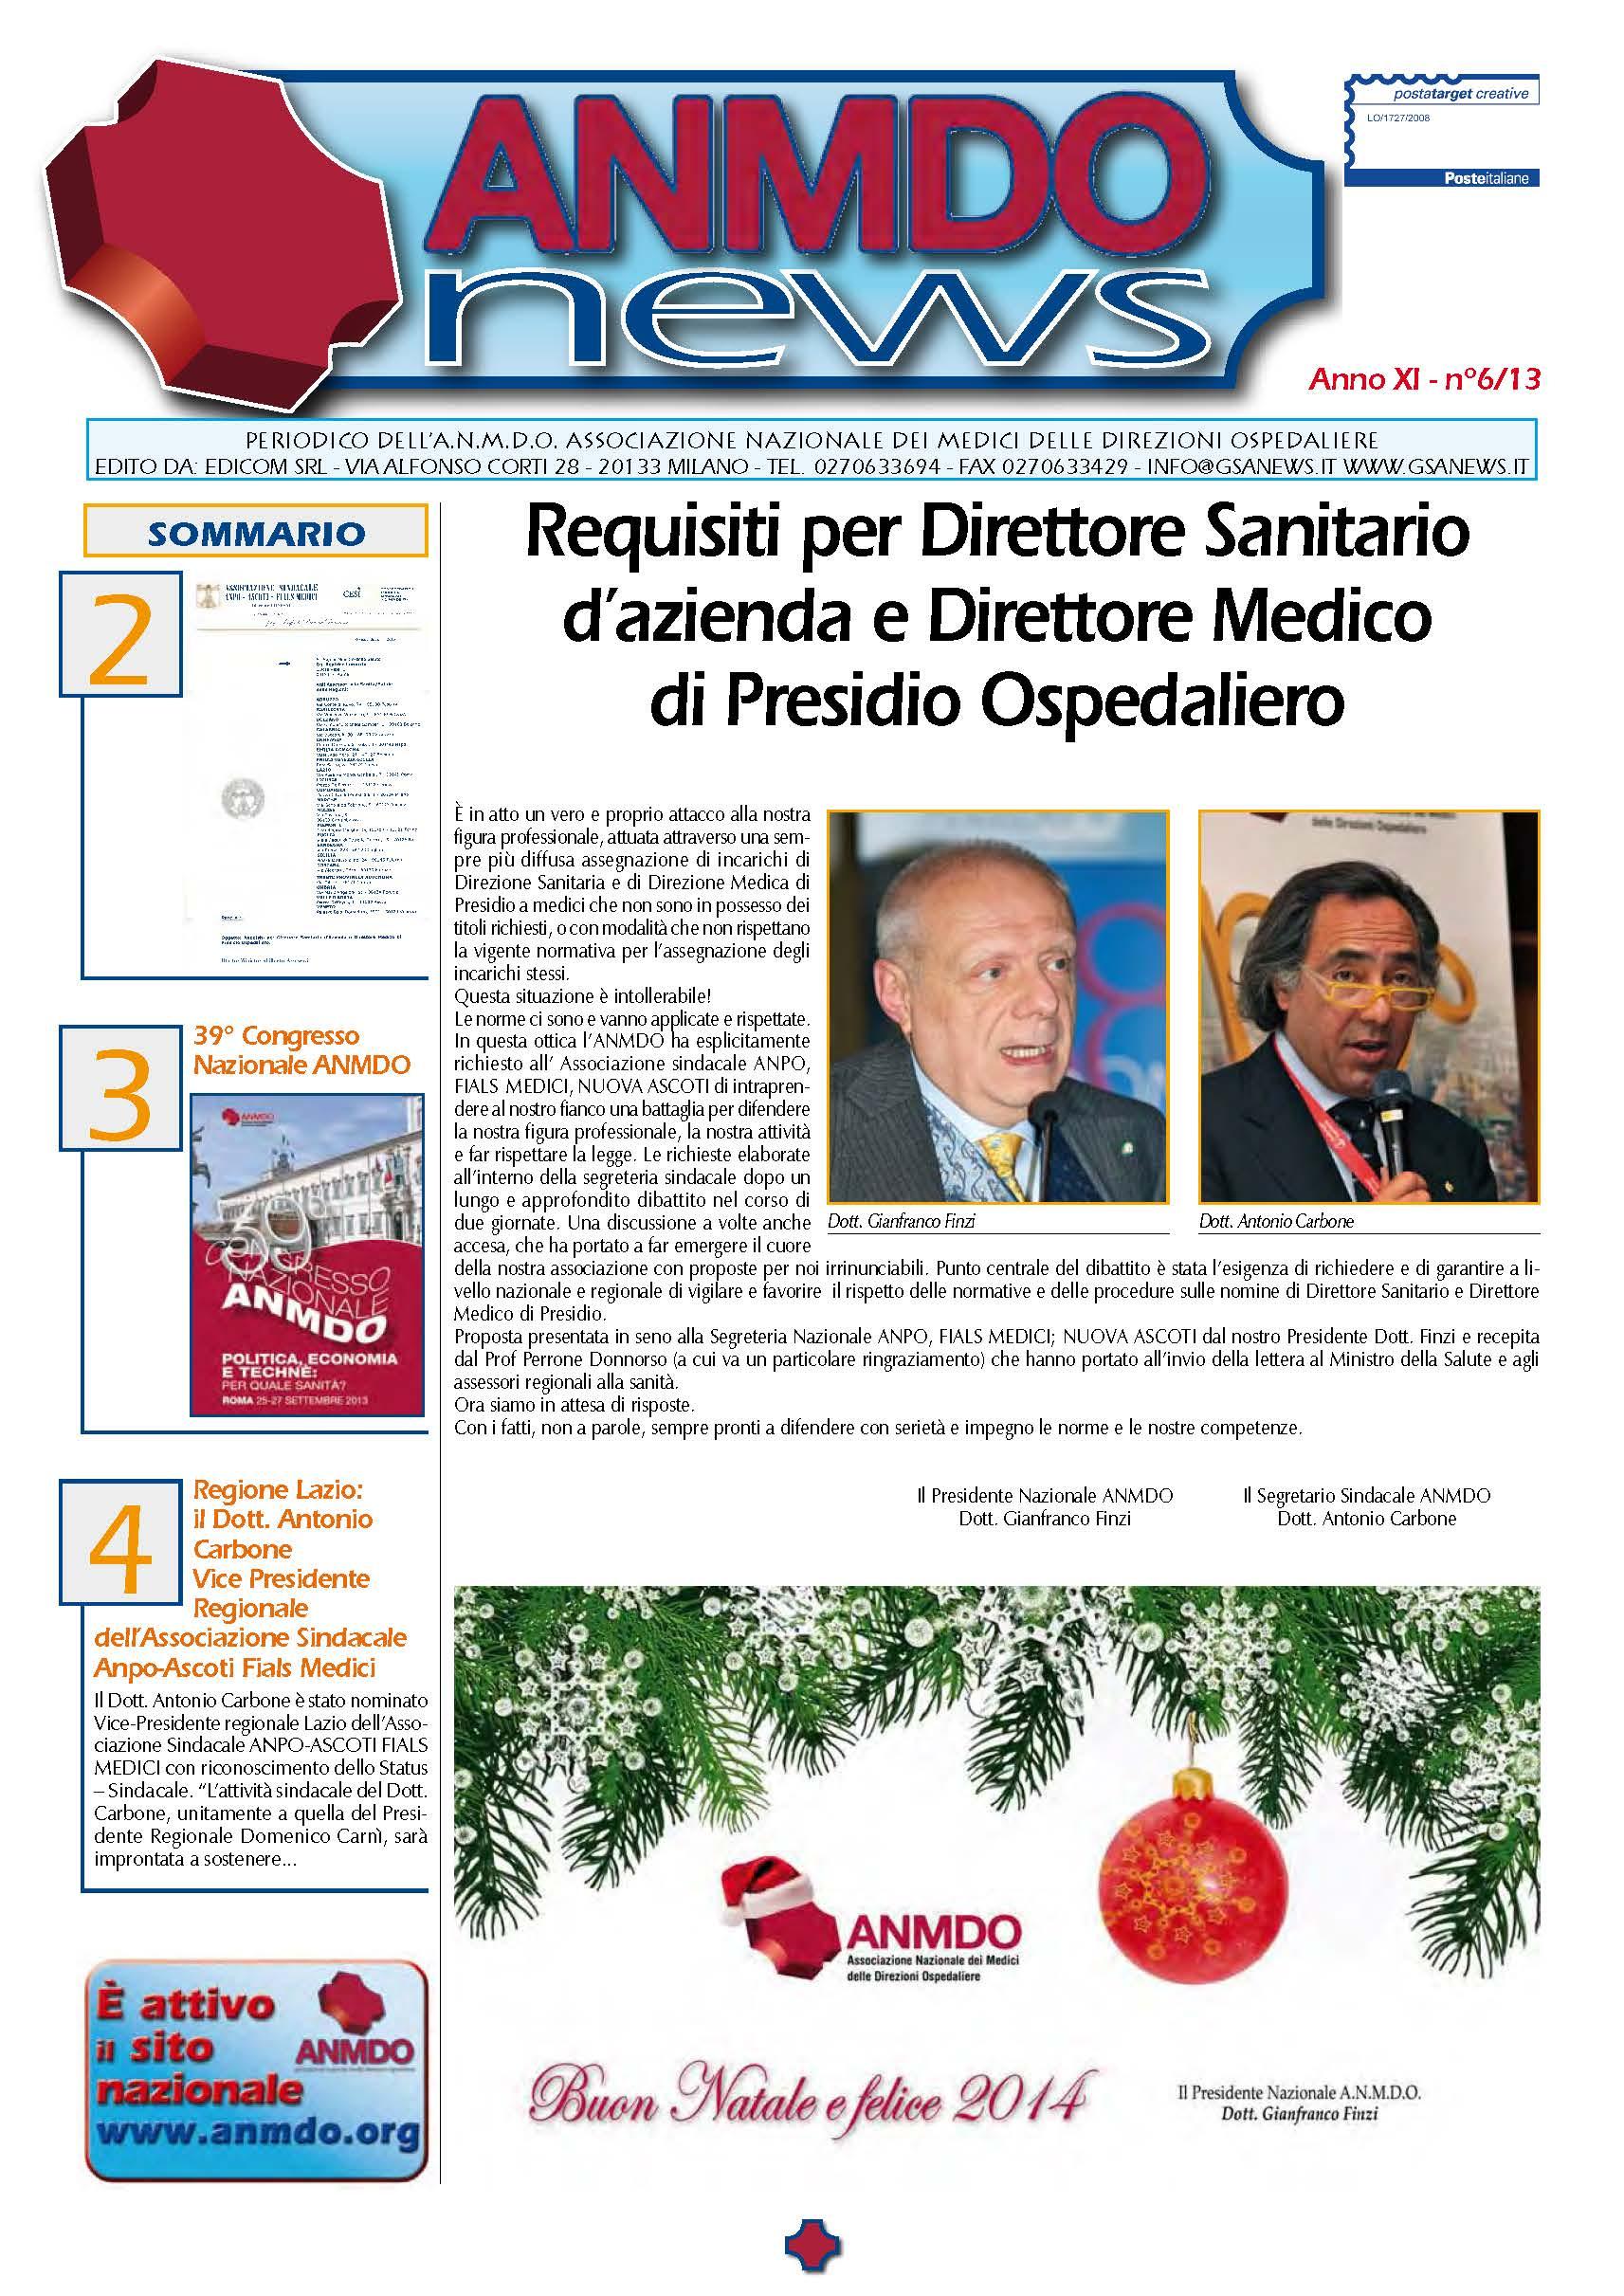 pagine-da-anmdonews_6_13